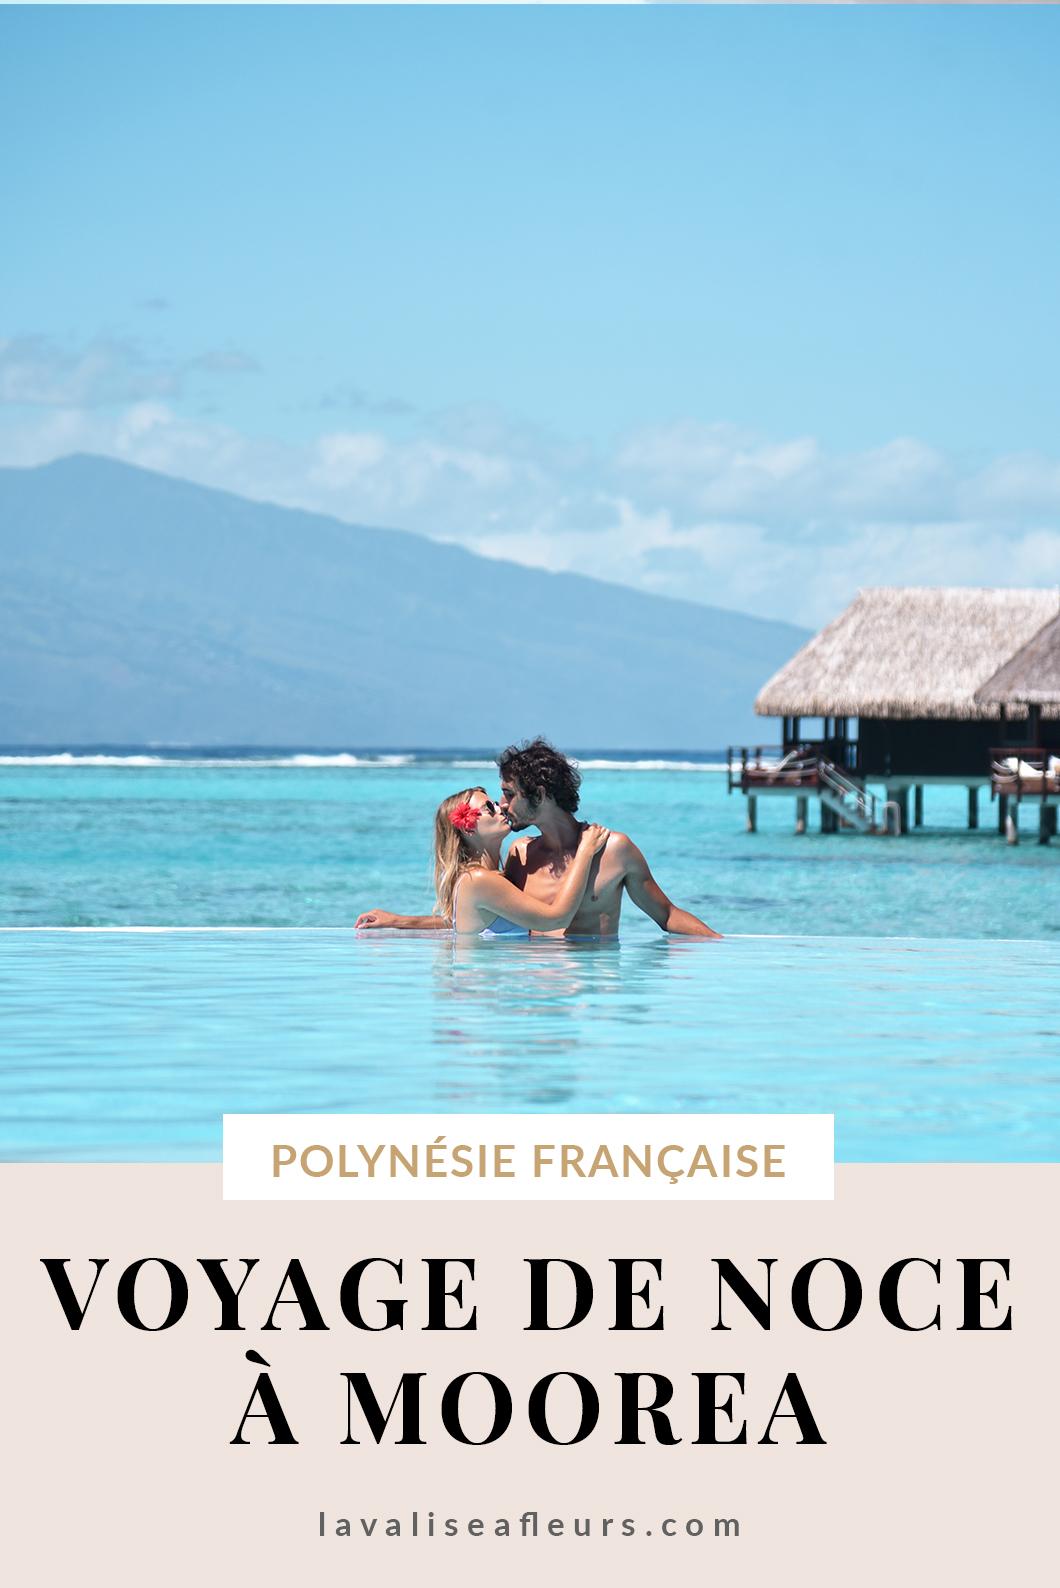 Organiser son voyage de noce à Moorea en Polynésie Française